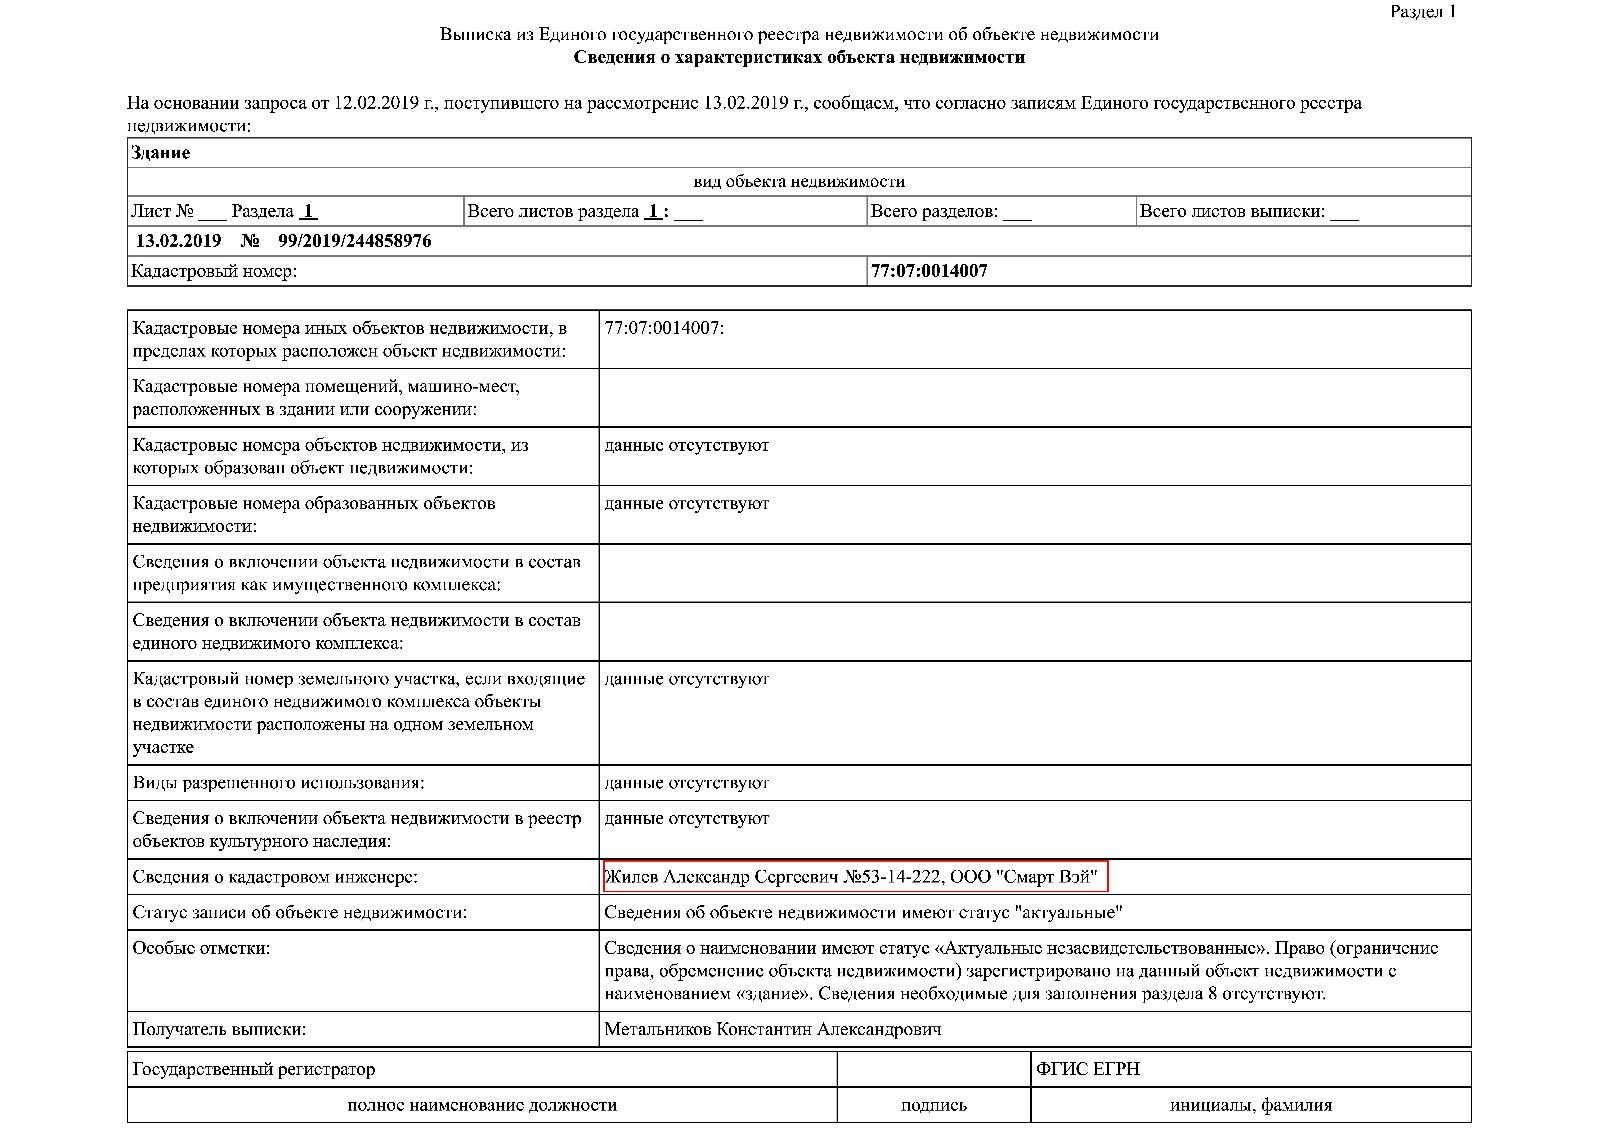 Выписка с регистрацией аренды1